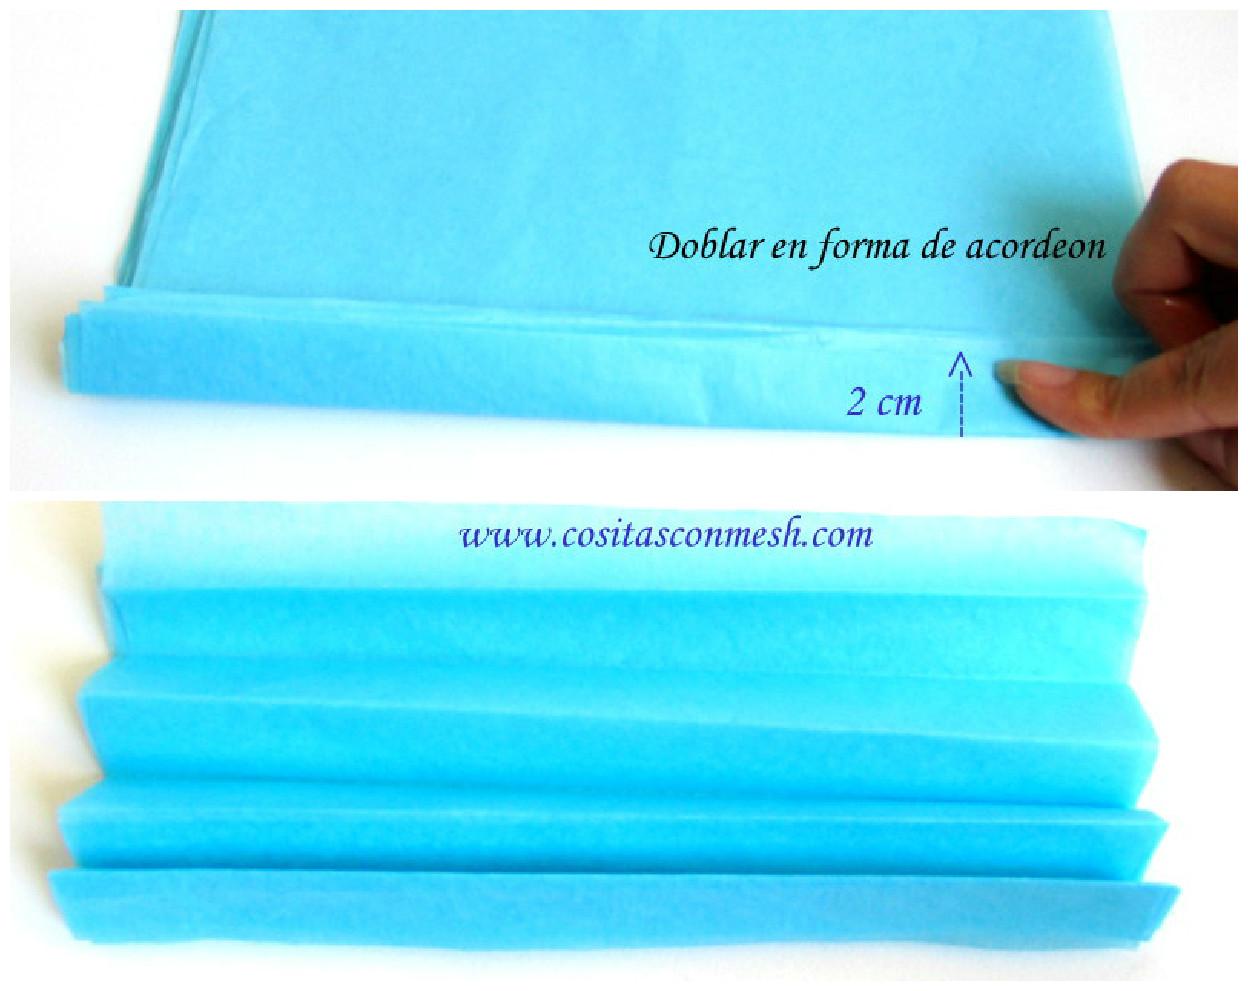 C mo hacer pompones de papel para decoraci n cositasconmesh - Pompones con papel de seda ...